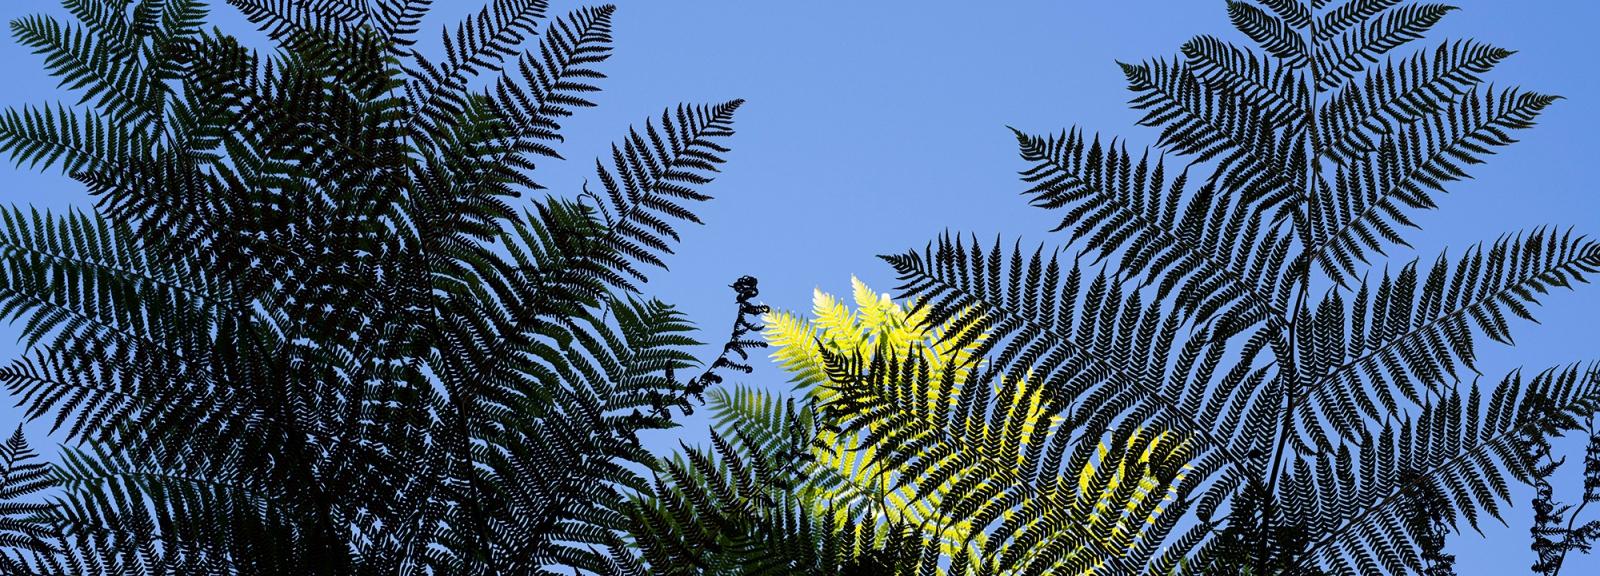 Fougère arborescente d'Australie (Sphaeropteris cooperi) - Jardin botanique Val Rahmeh-Menton © MNHN - Agnès Iatzoura